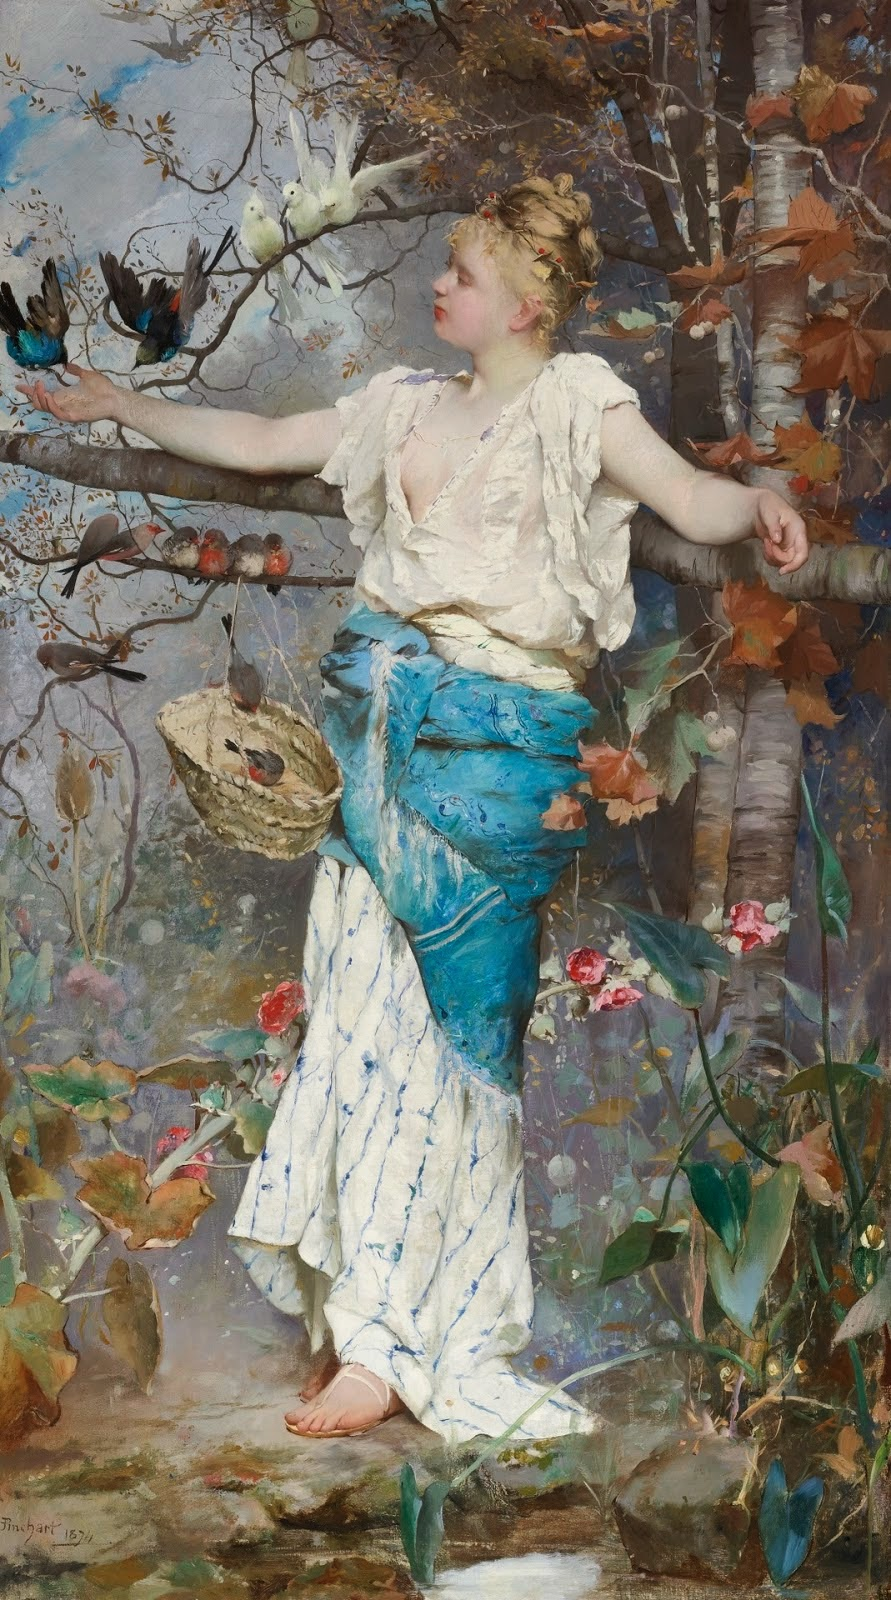 fantaisie d'automne Emile Auguste Pinchart 1874 Coll part